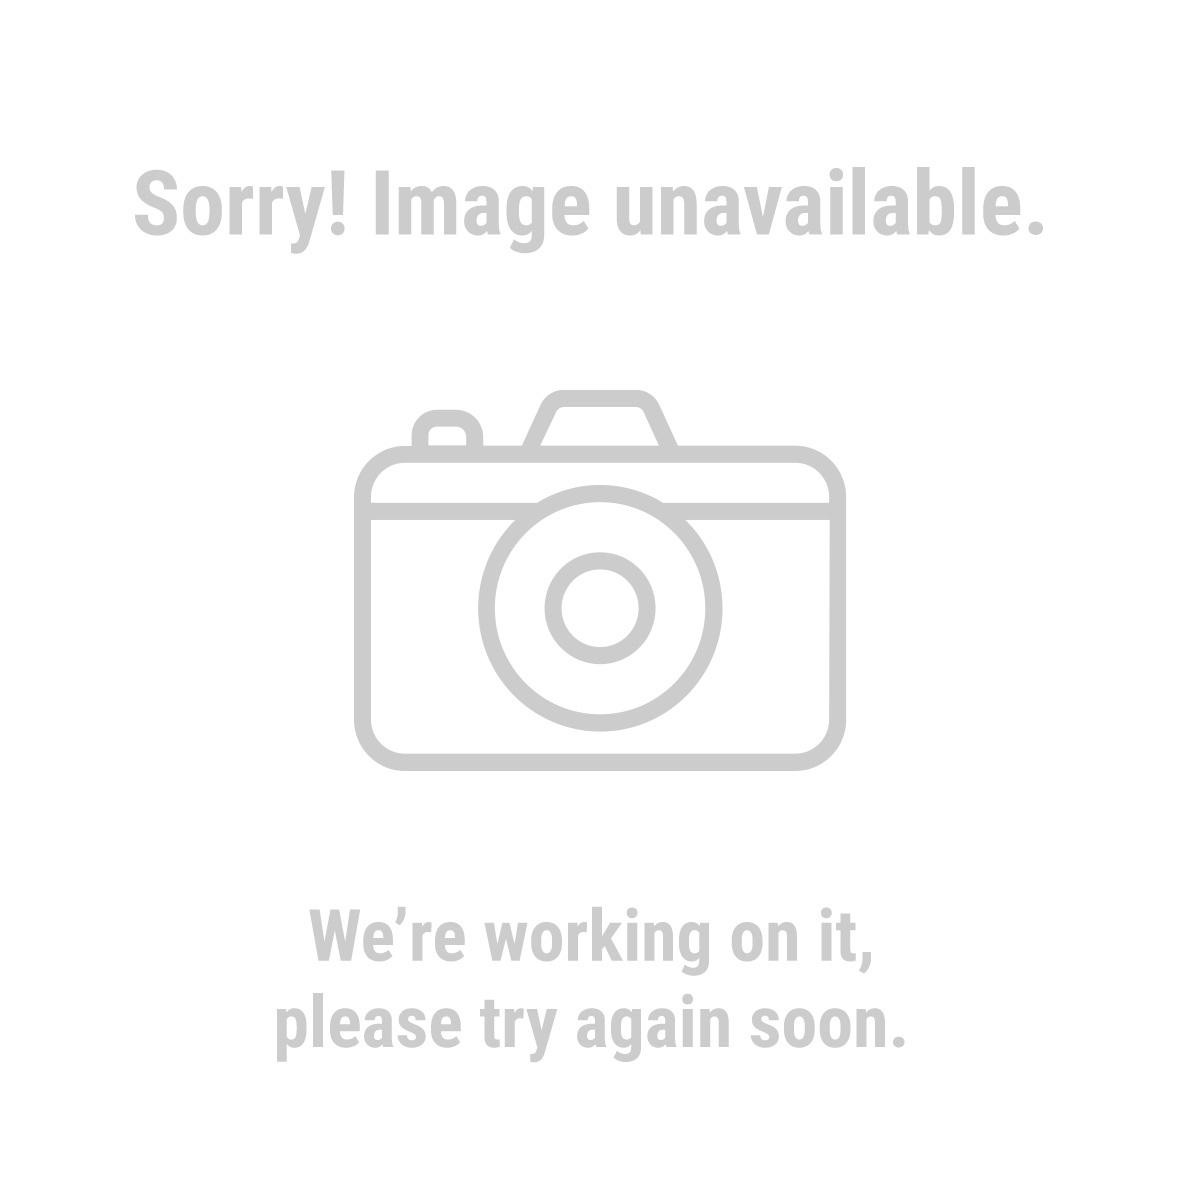 Chicago Electric Welding 63121 Auto Darkening Welding Helmet with Racing Stripe Design